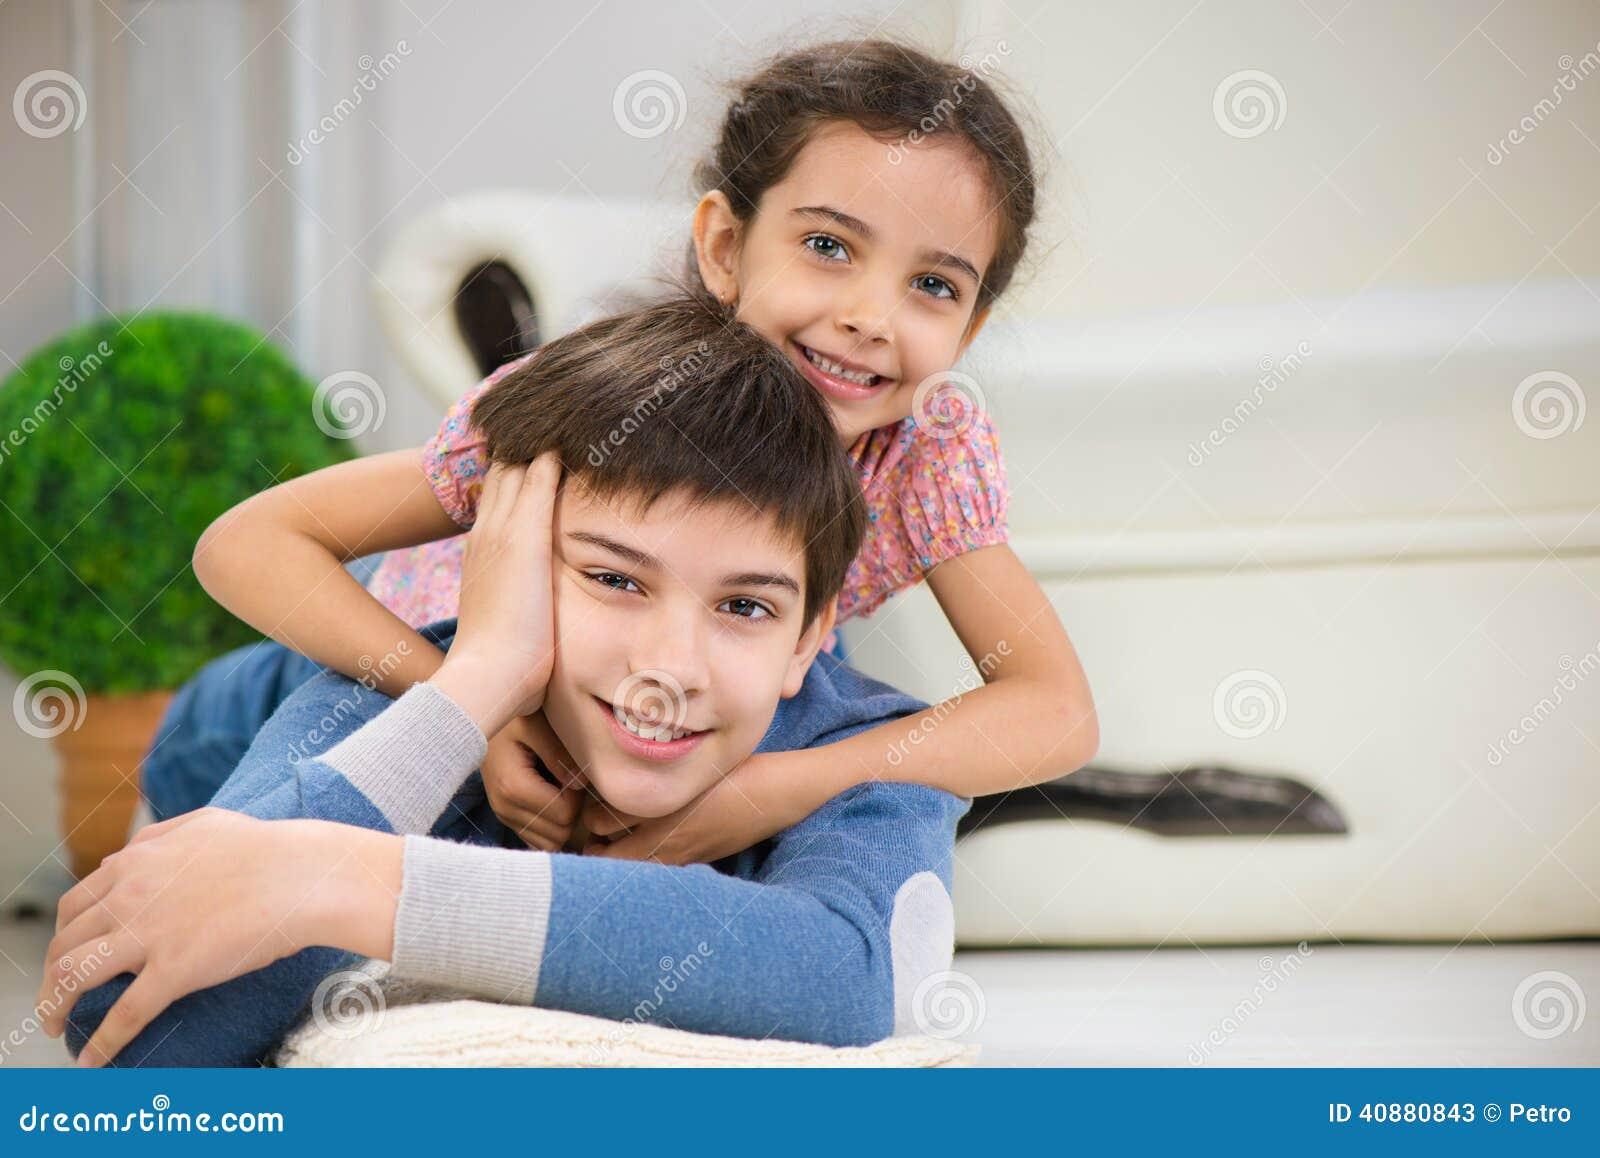 Смотреть секс брат и сестра онлайн, Инцест брат и сестра - смотреть лучшее порно. Ебалка 24 фотография